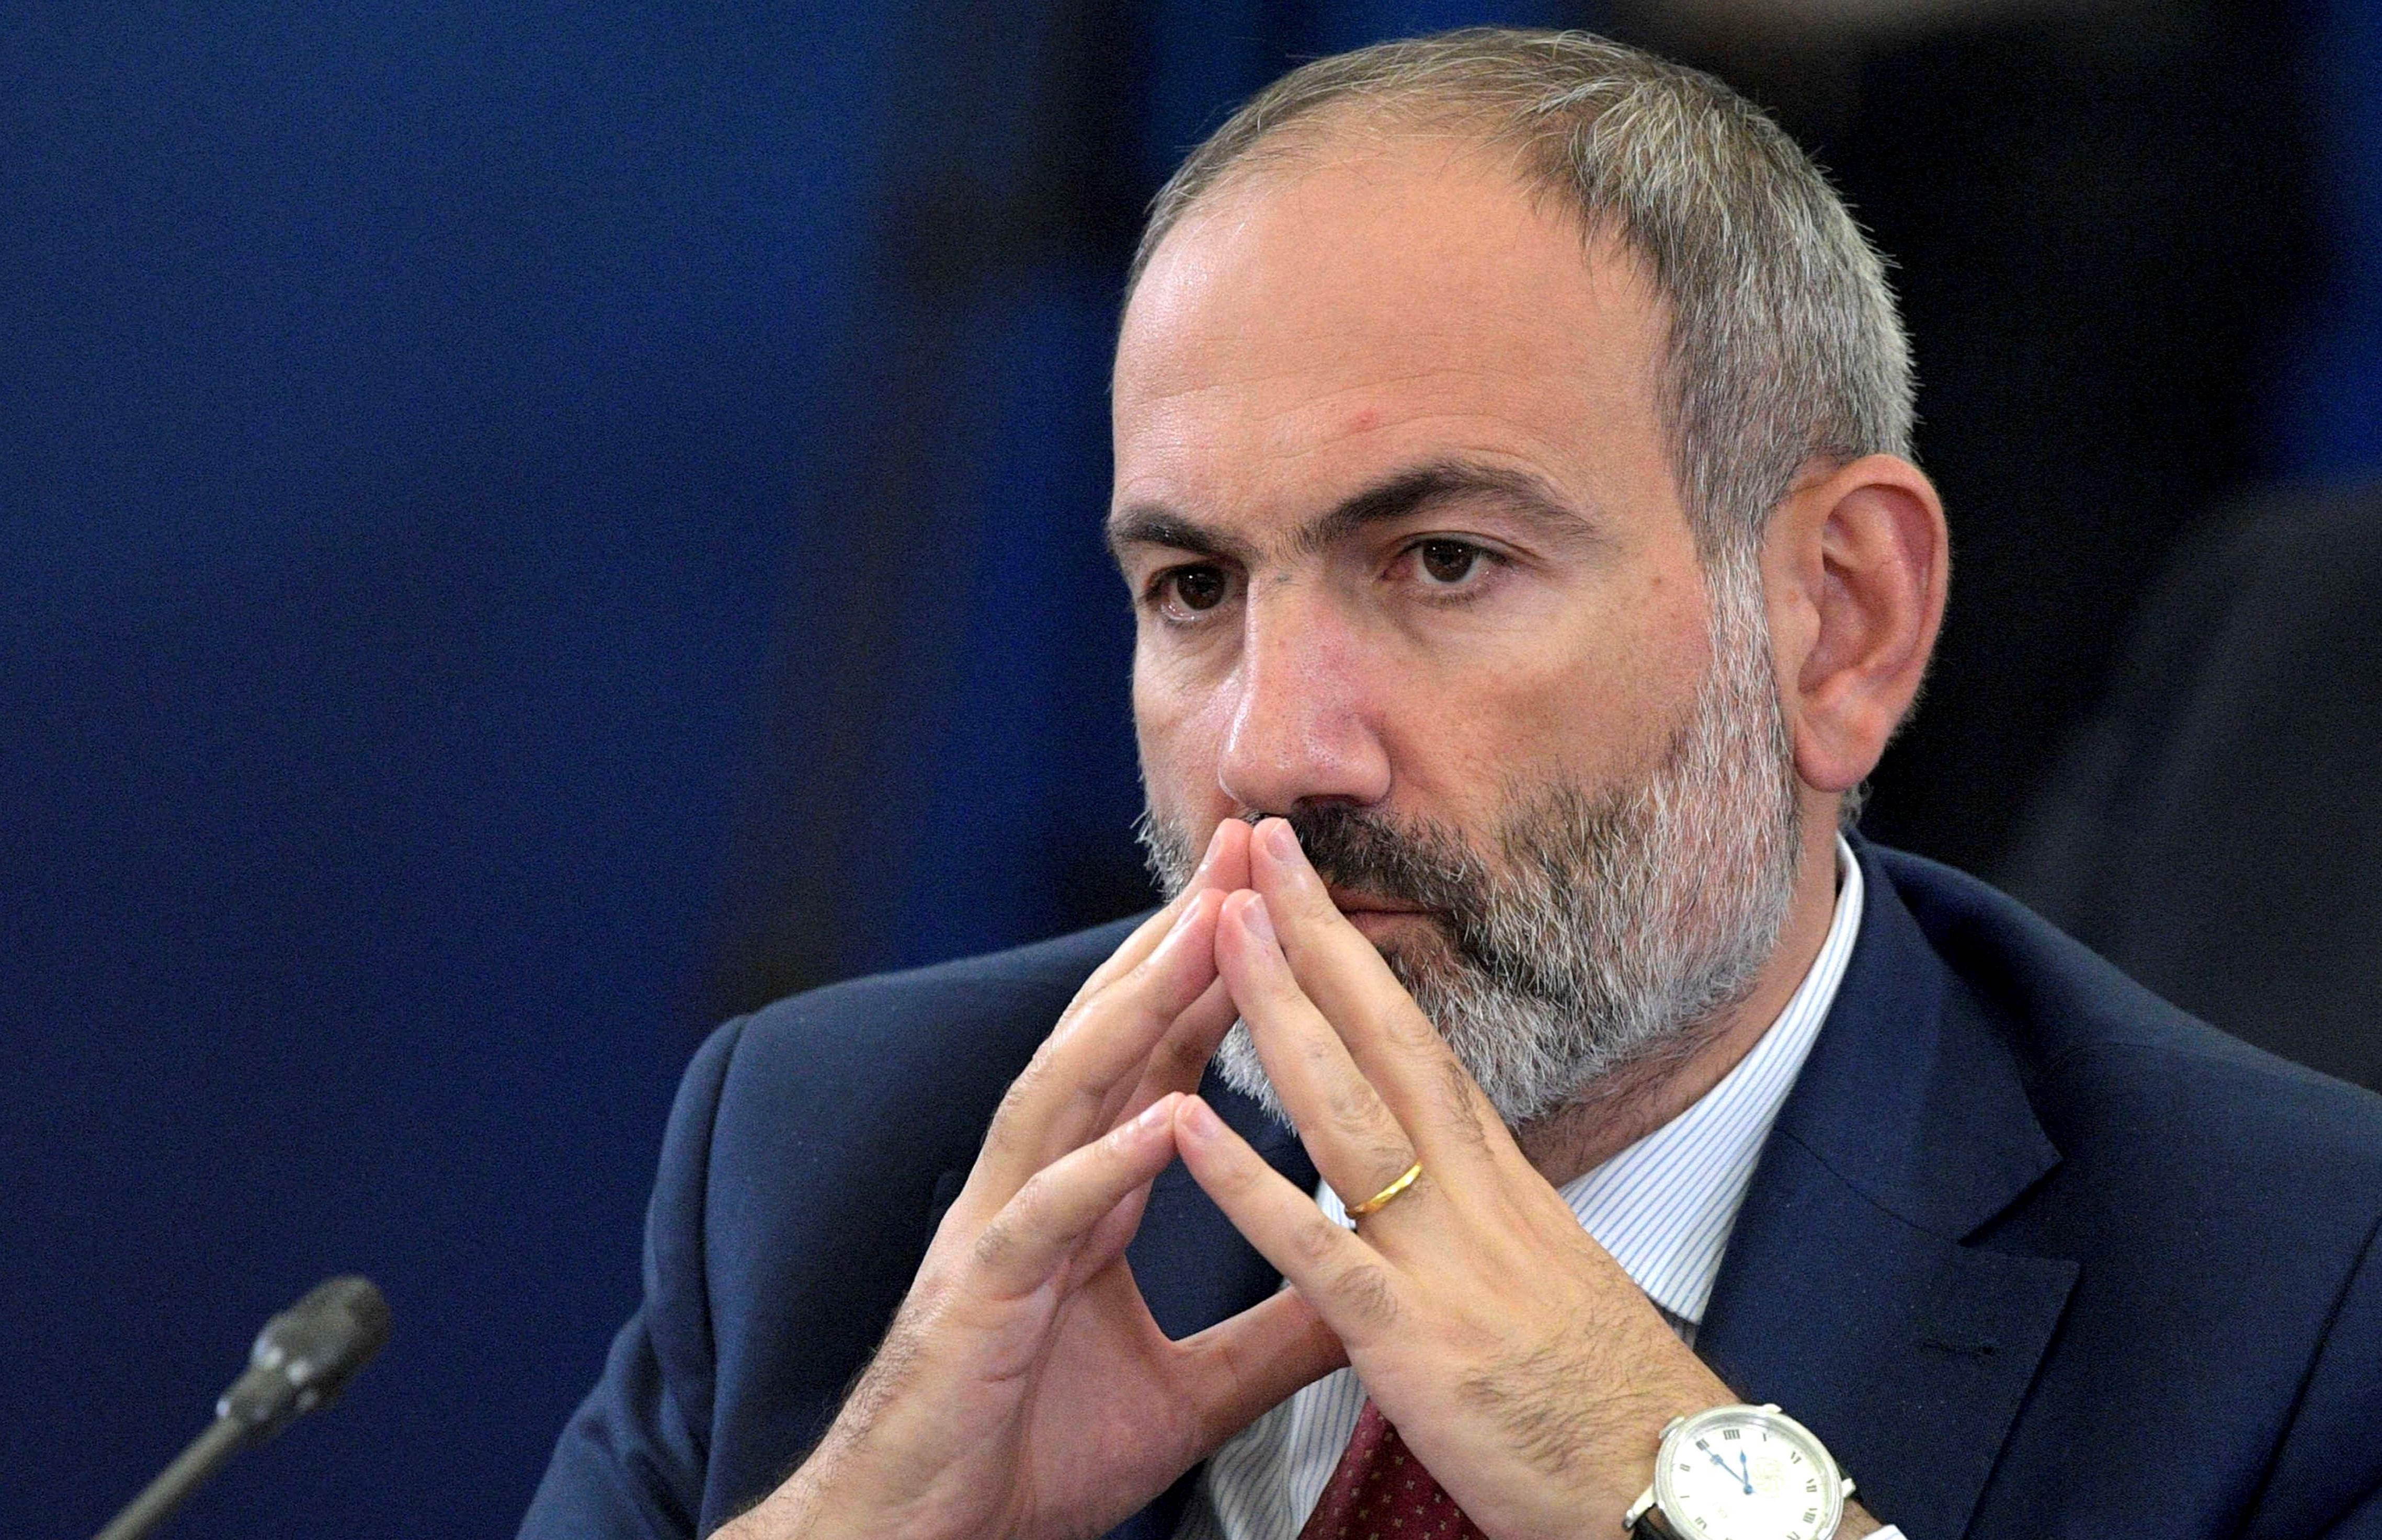 رئيس الوزراء الأرميني نيكول باشينيان.